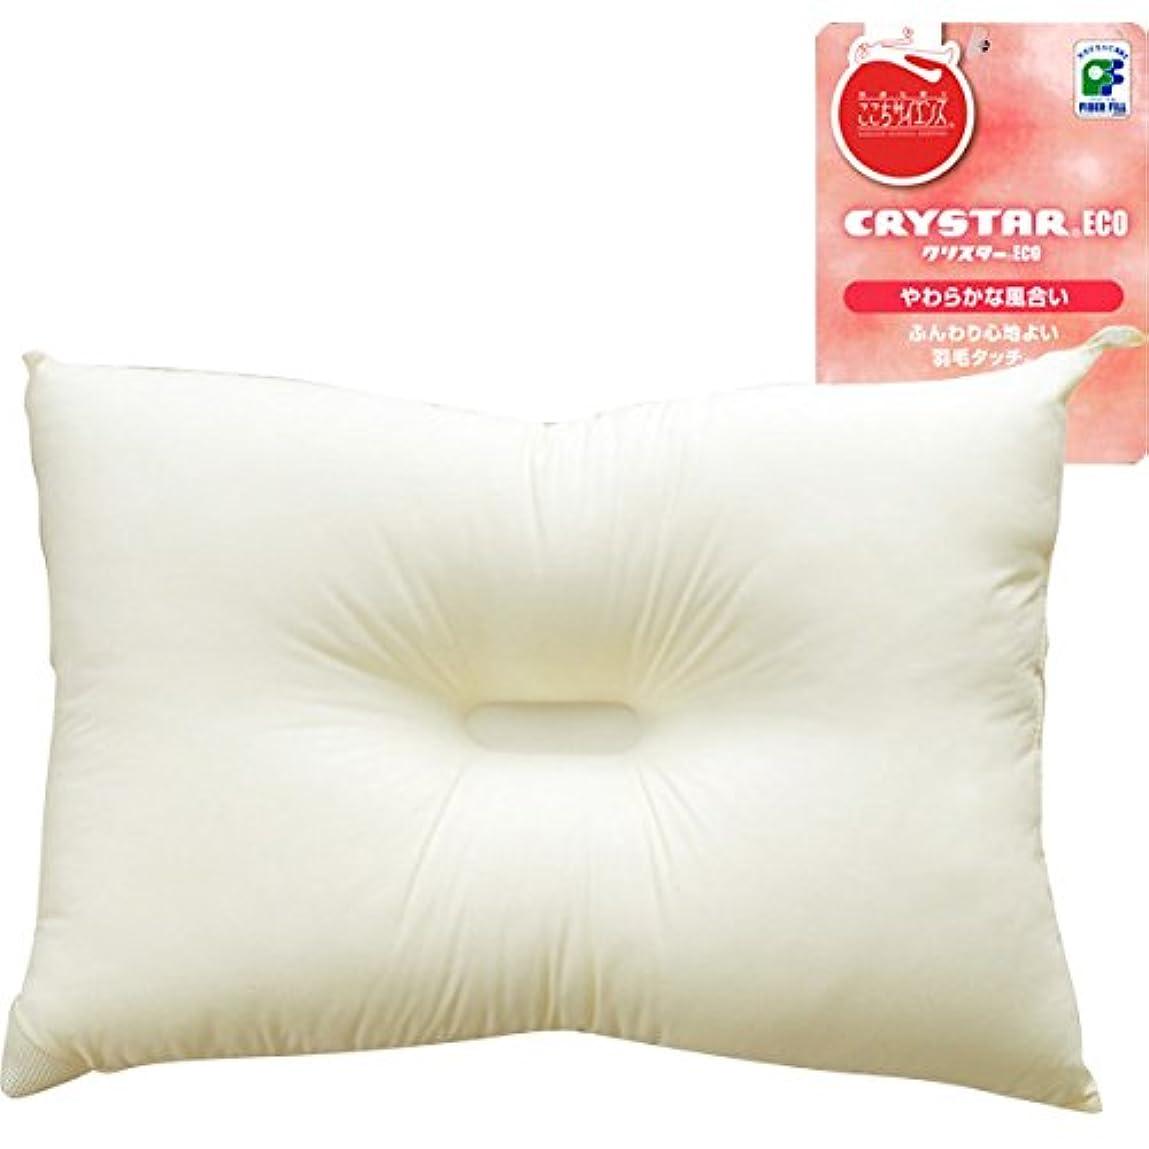 ミュージカル核身元エムール 乾きが早い 洗える枕 43×63cm 帝人クリスター 日本製